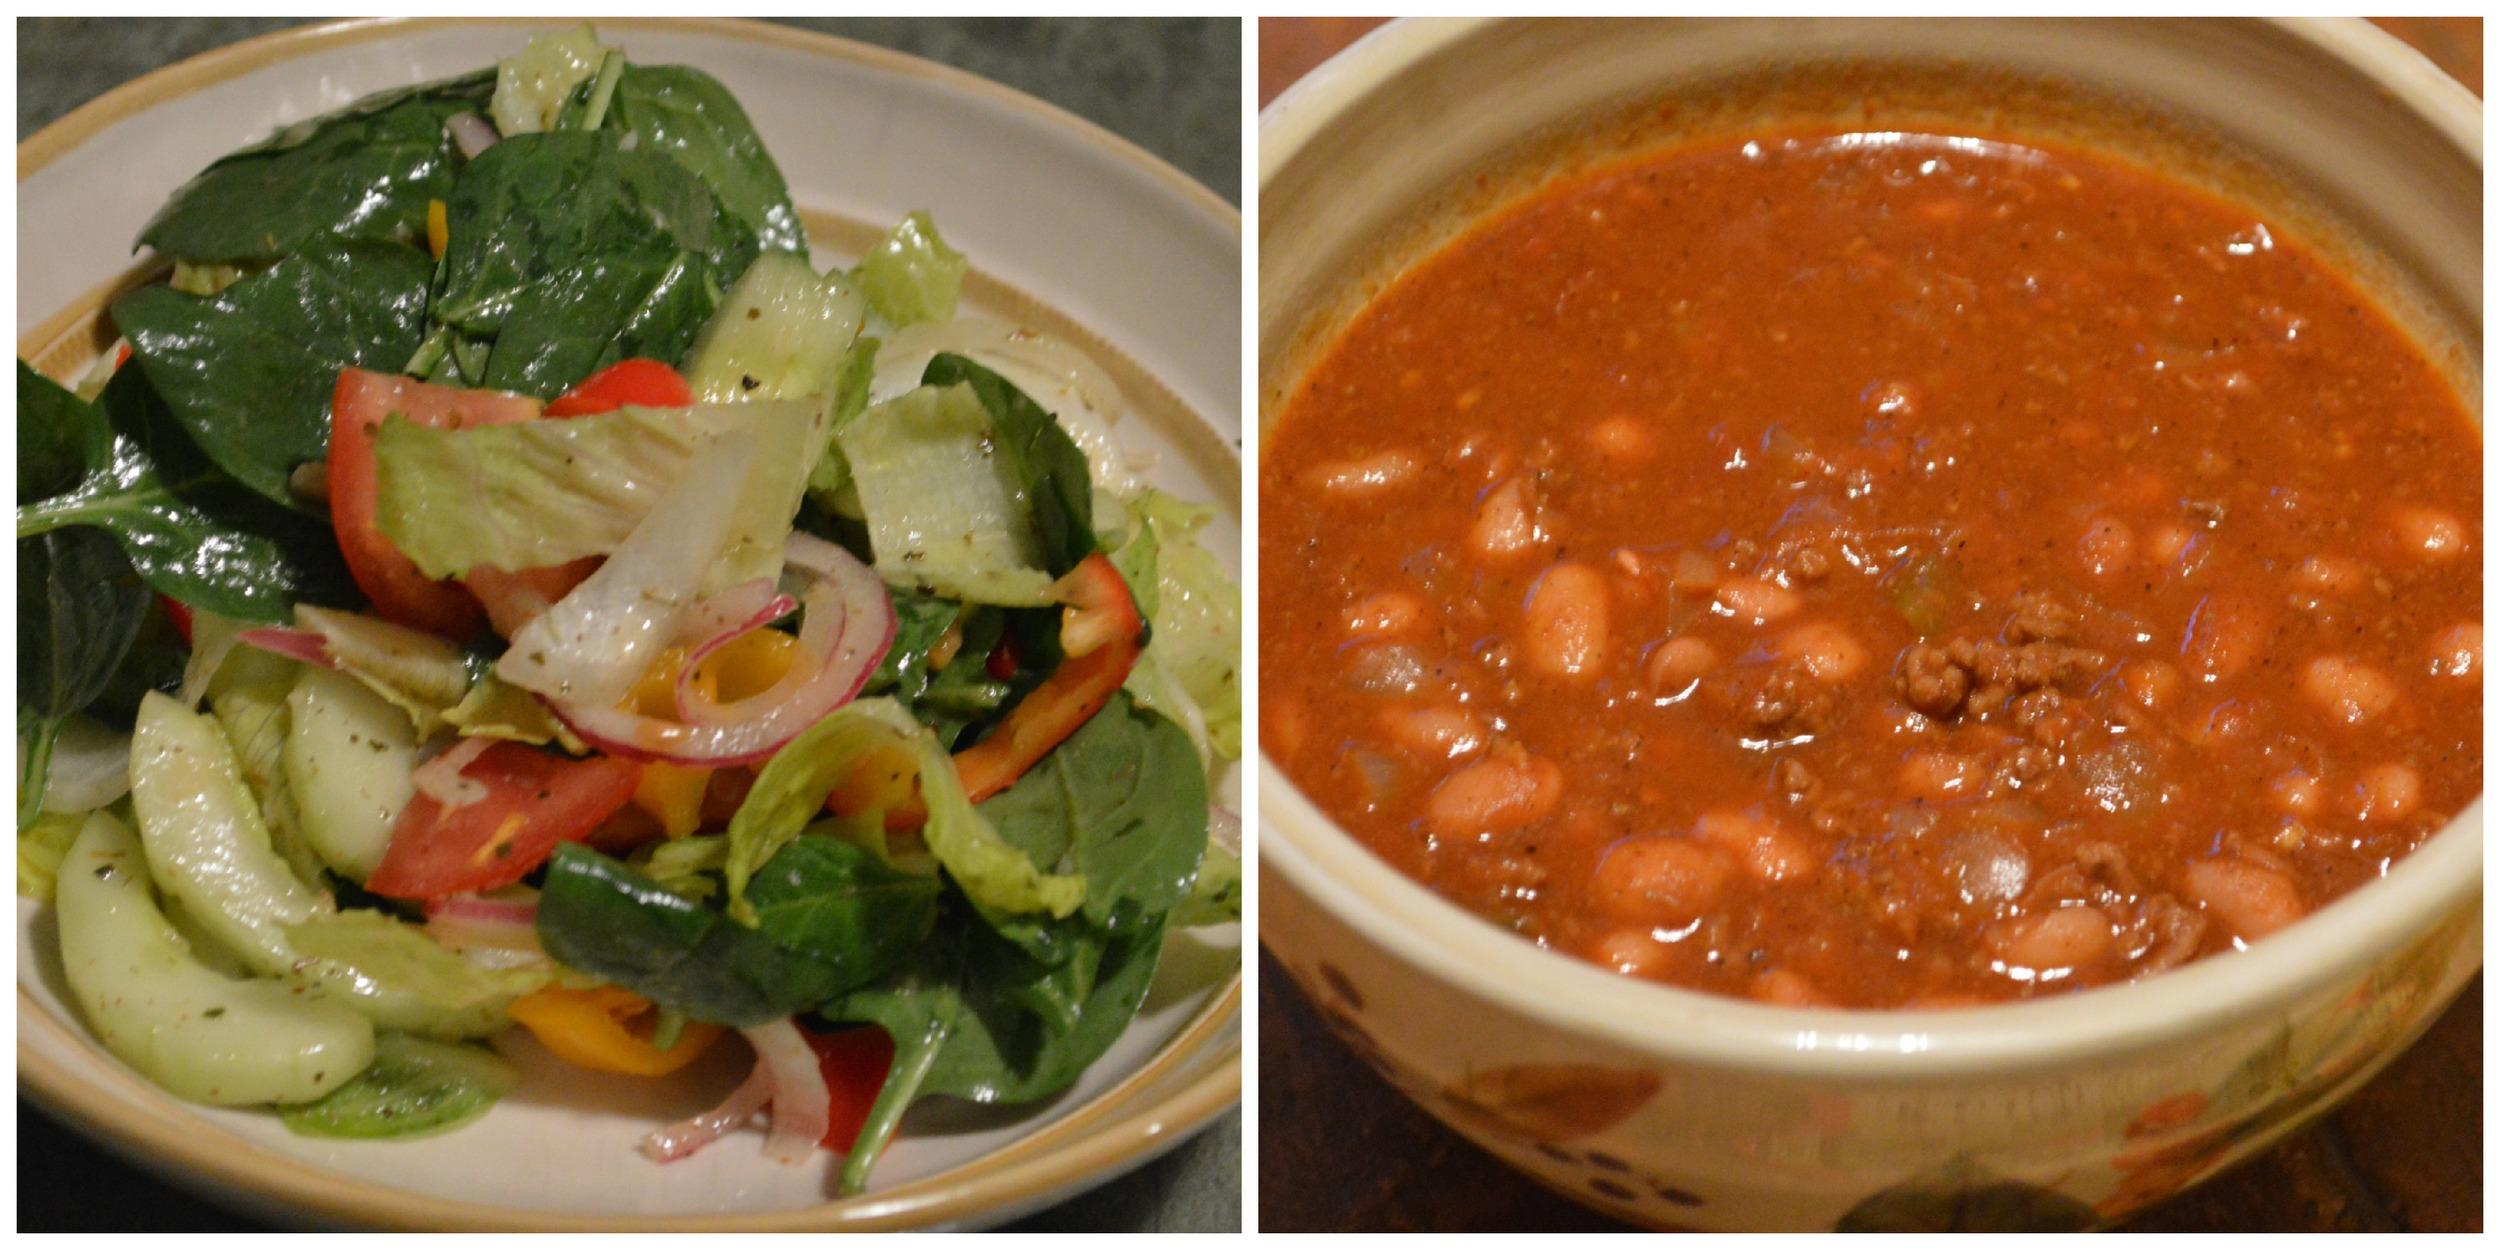 mixed salad & chili